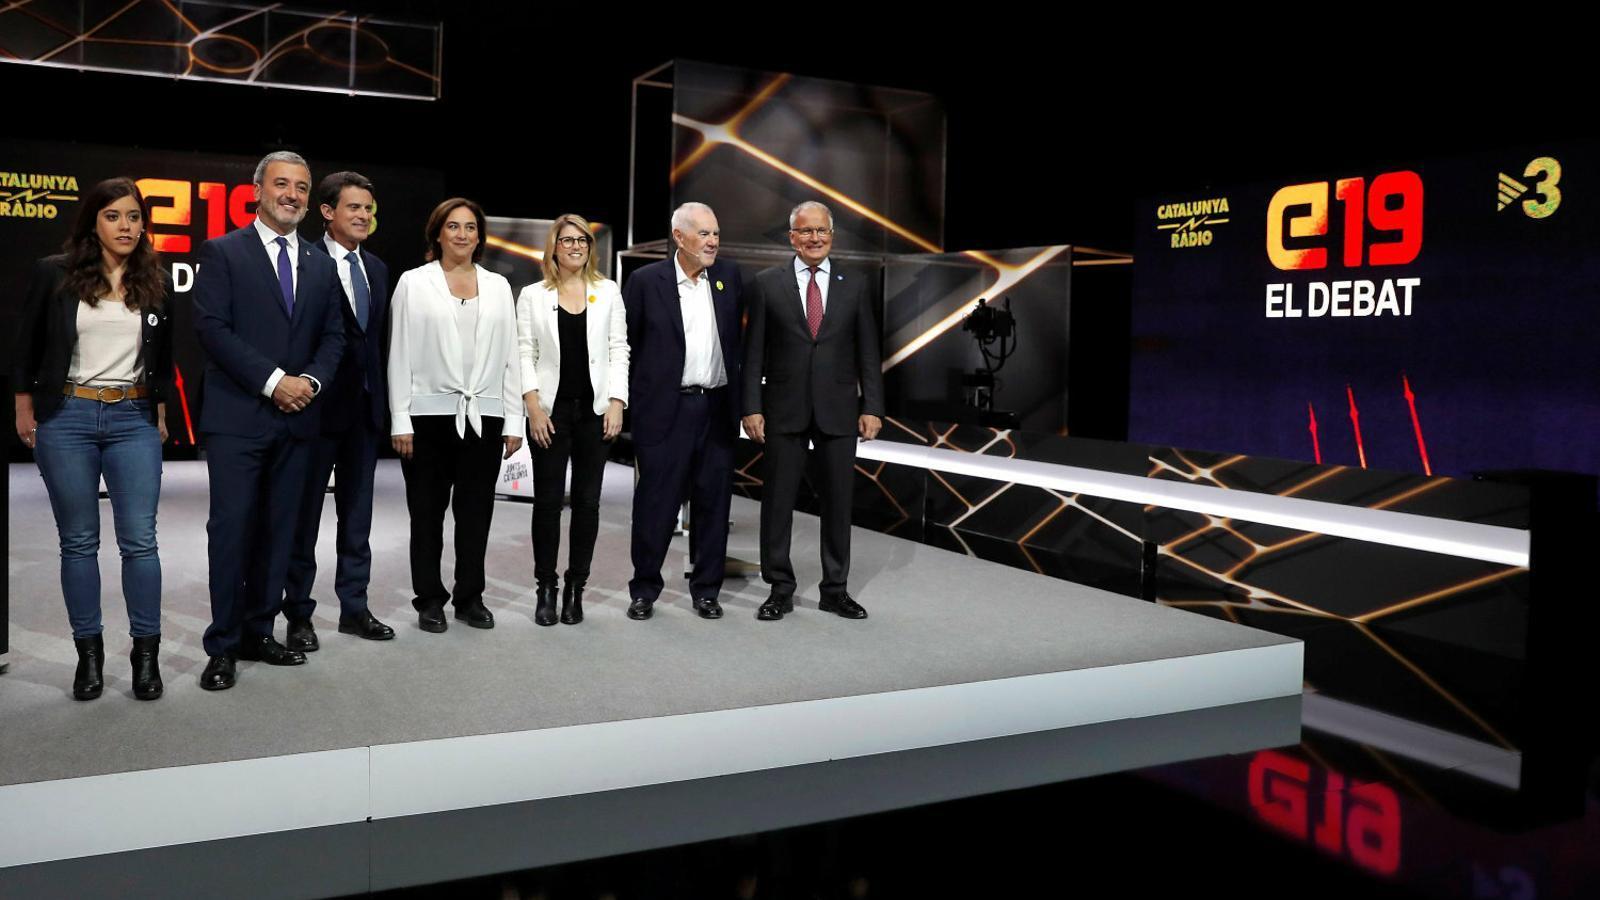 Saliente, Collboni, Valls, Colau, Artadi, Maragall i Bou ahir als estudis de TV3 abans del debat municipal.